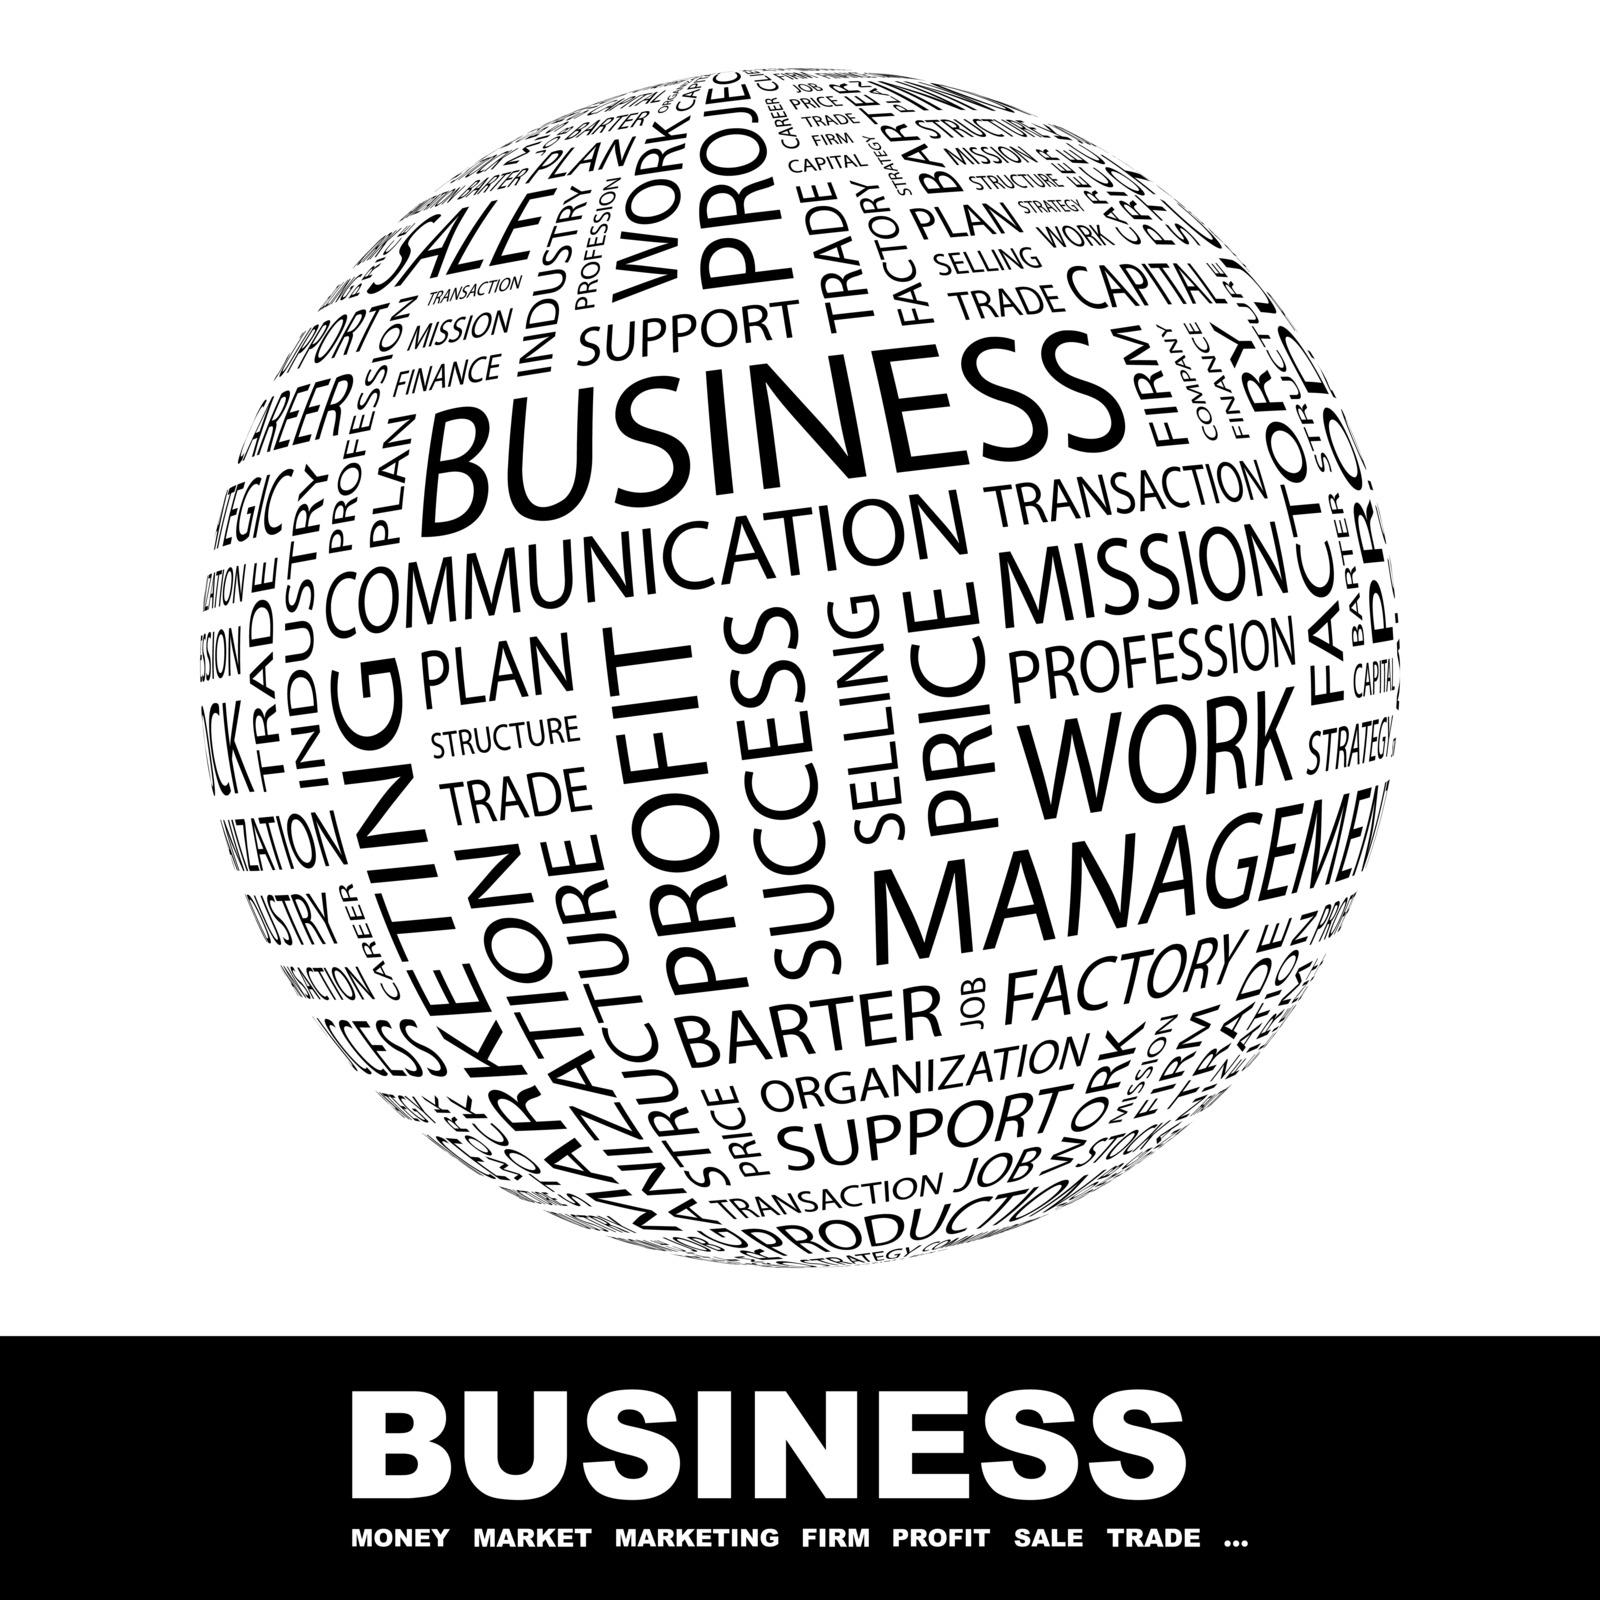 5 Bisnis Yang Menguntungkan Untuk Generasi Milenial